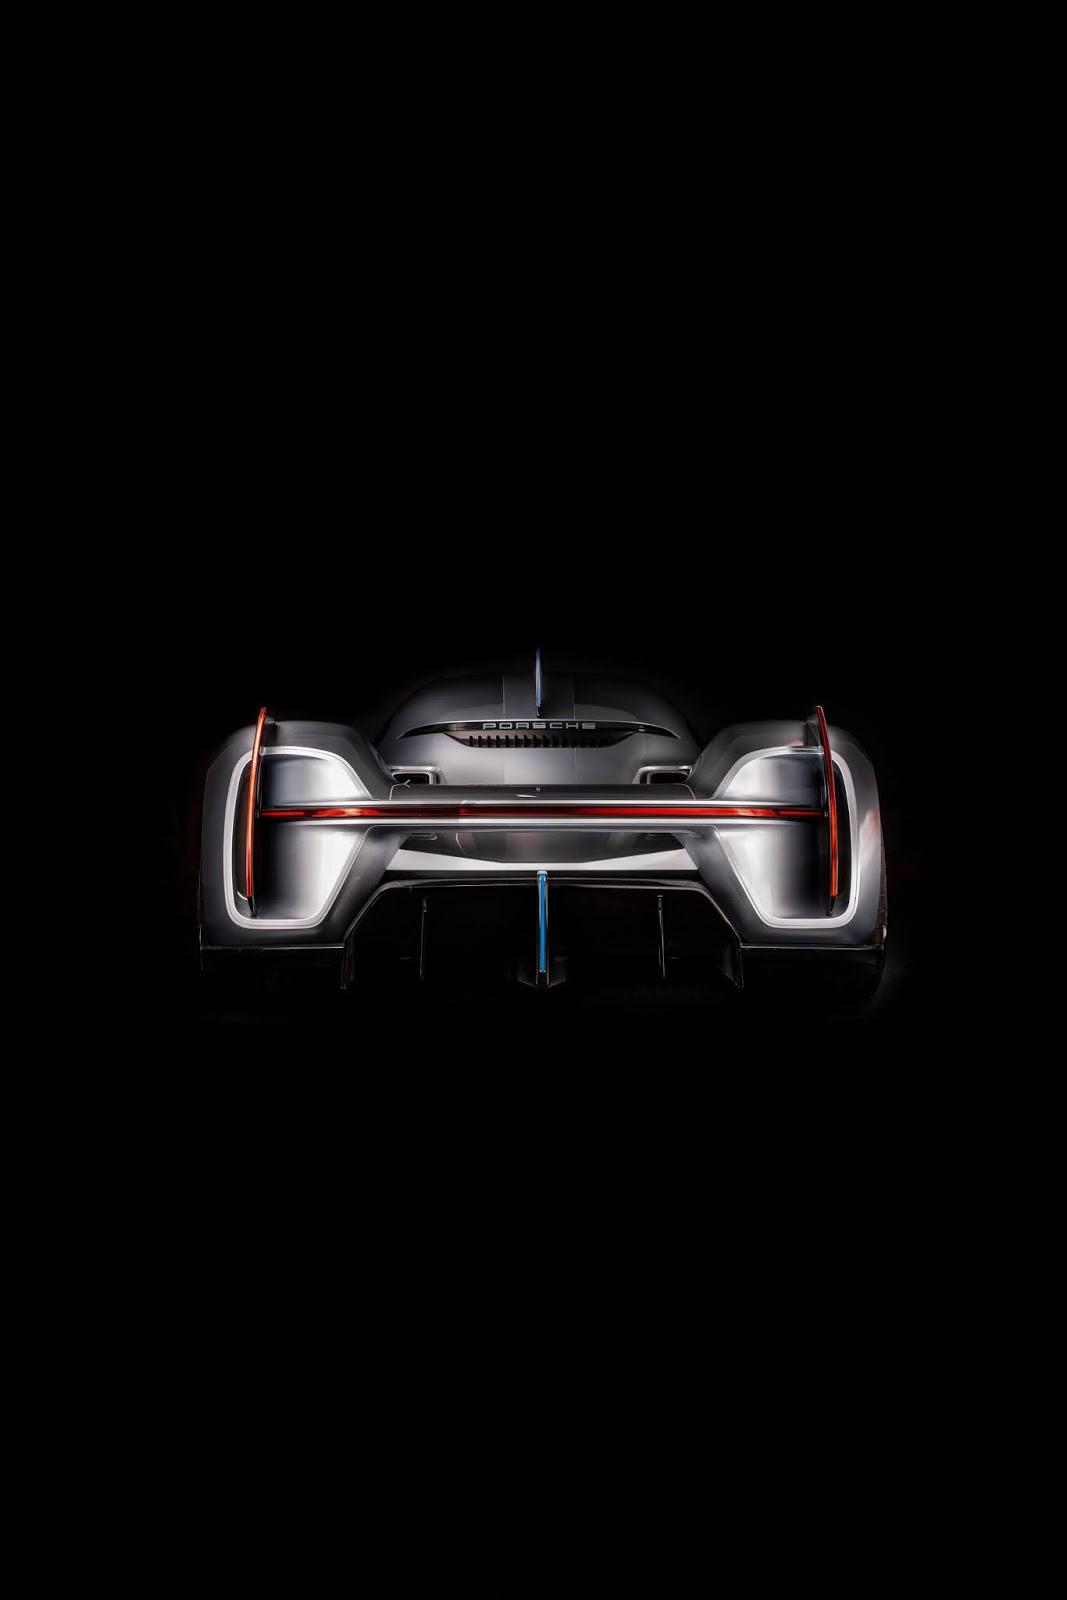 DSC9347 Τα άγνωστα Hypercars της Porsche hypercar, Porsche, Porsche Unseen, Sunday, supercar, supercars, zblog, ειδήσεις